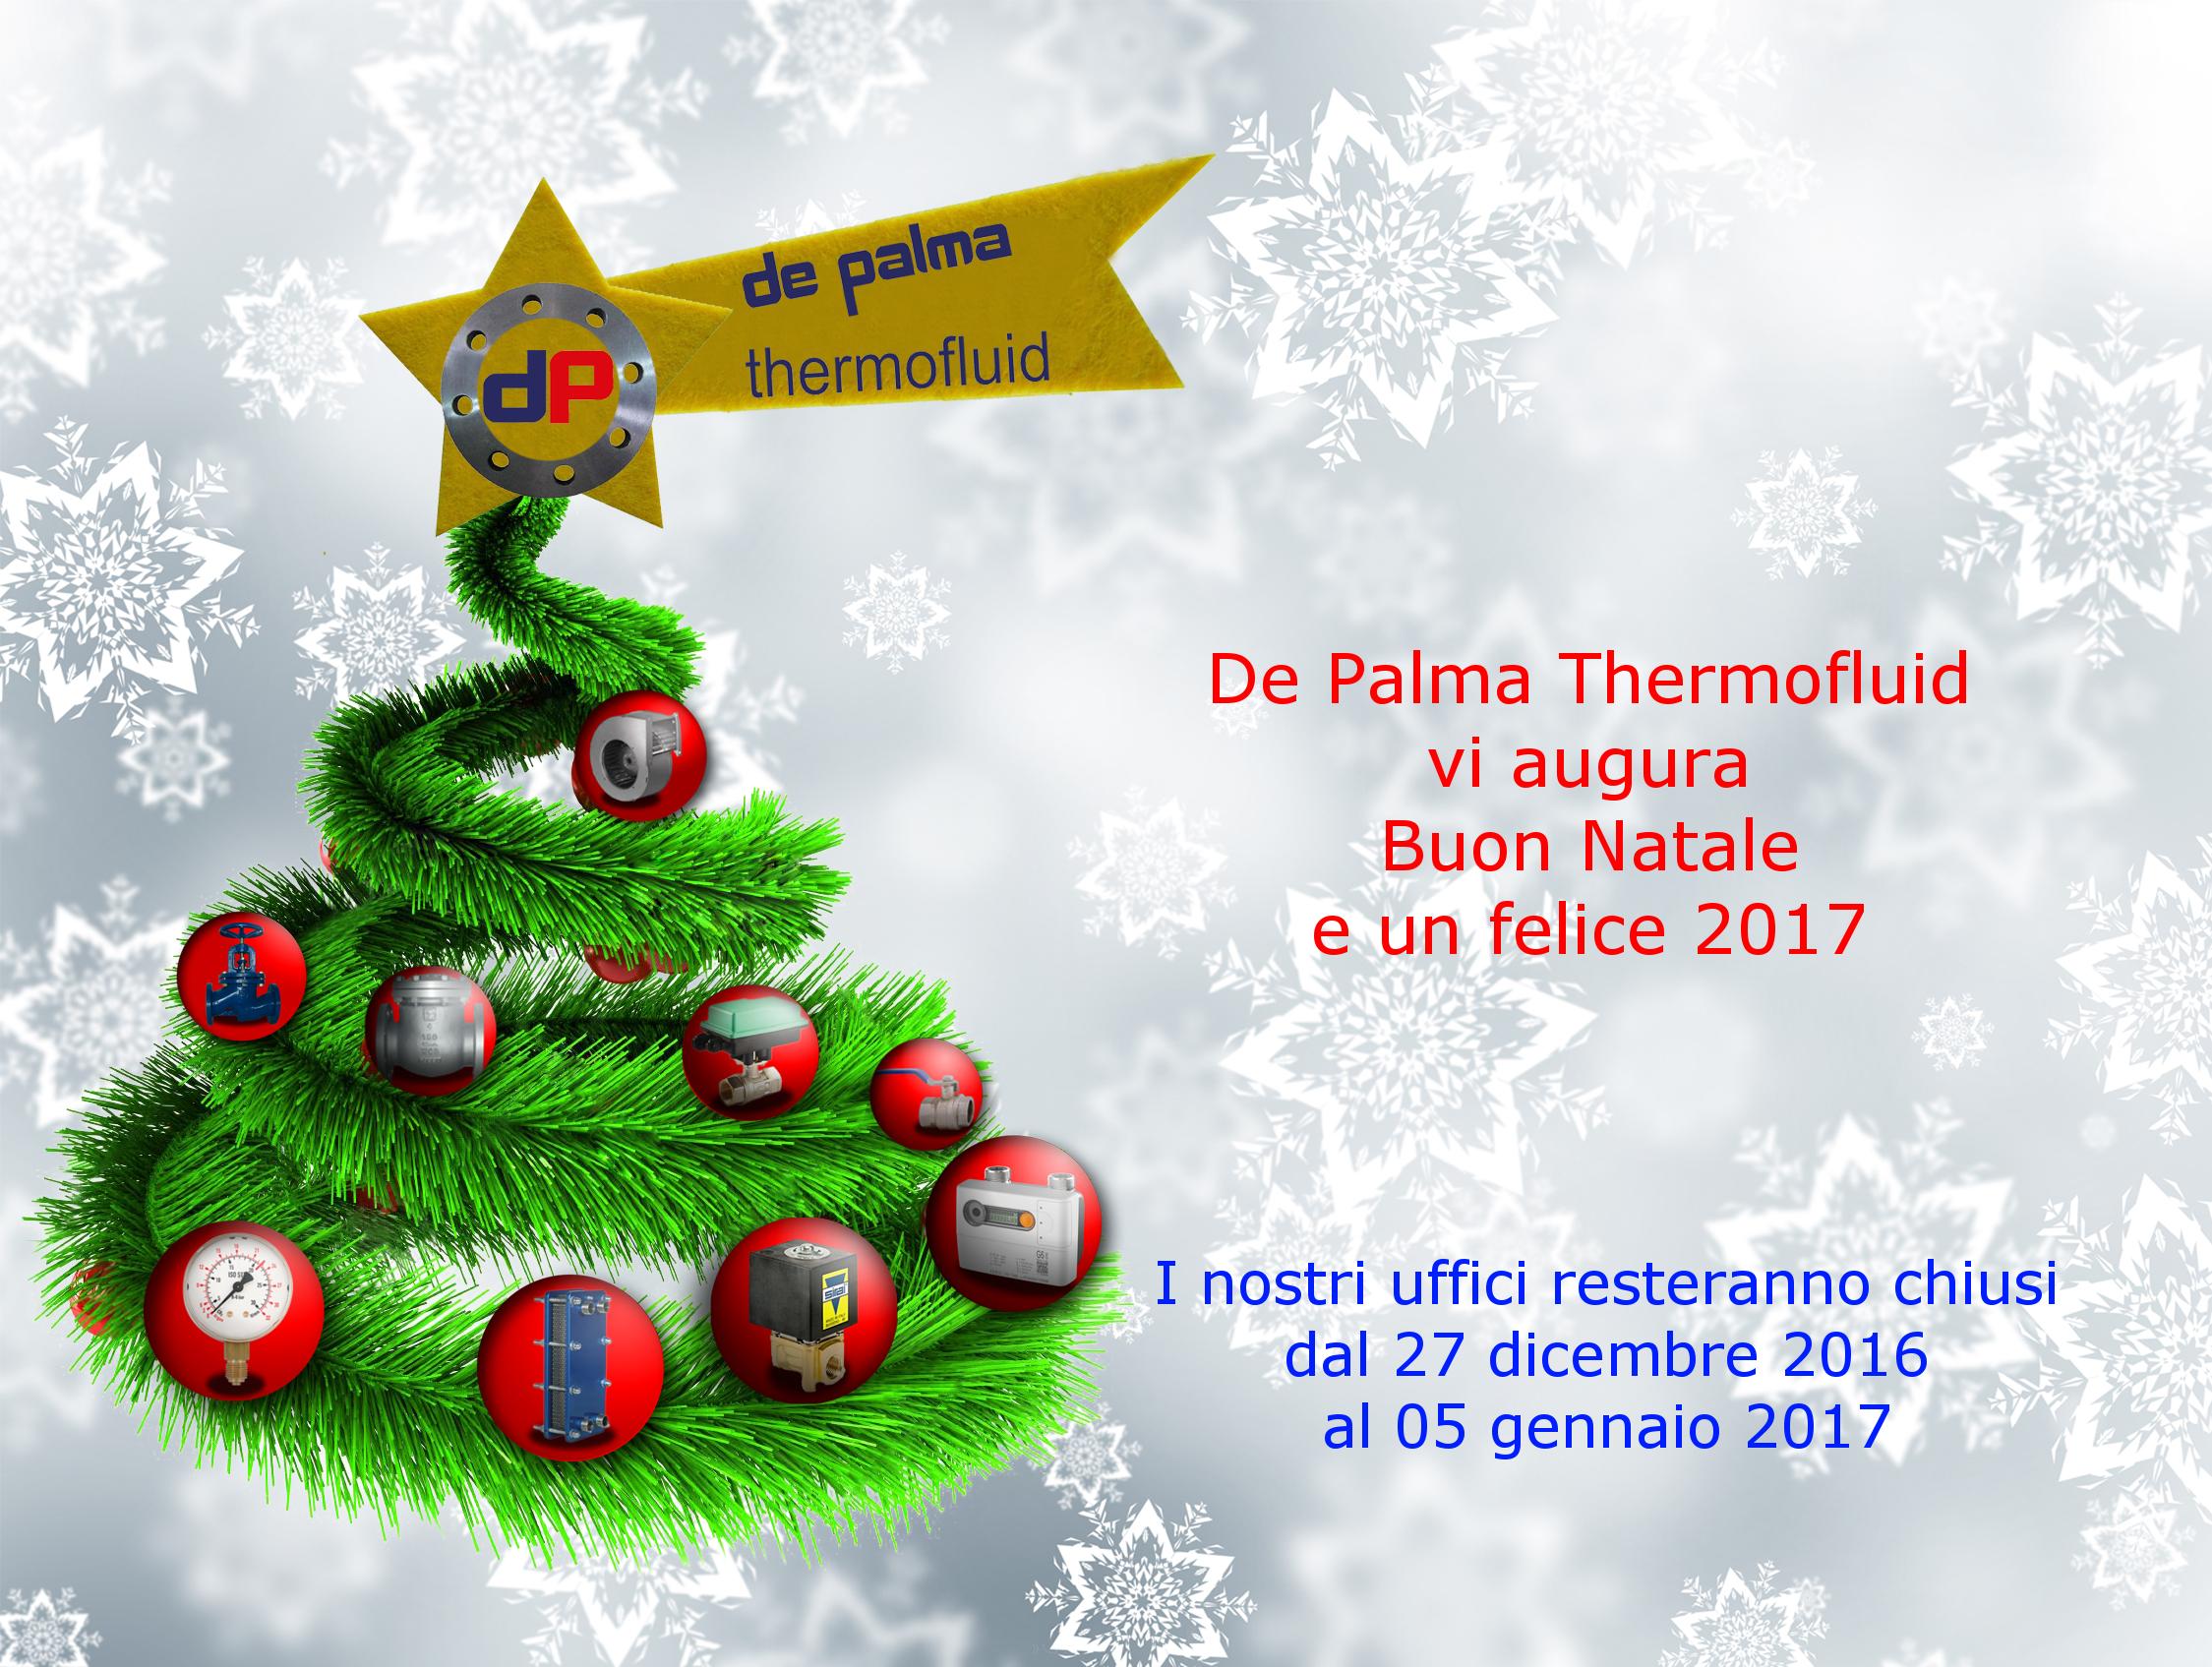 Auguri Di Buon Natale Aziendali.Chiusura Aziendale Per Festivita Natalizie Thermofluid